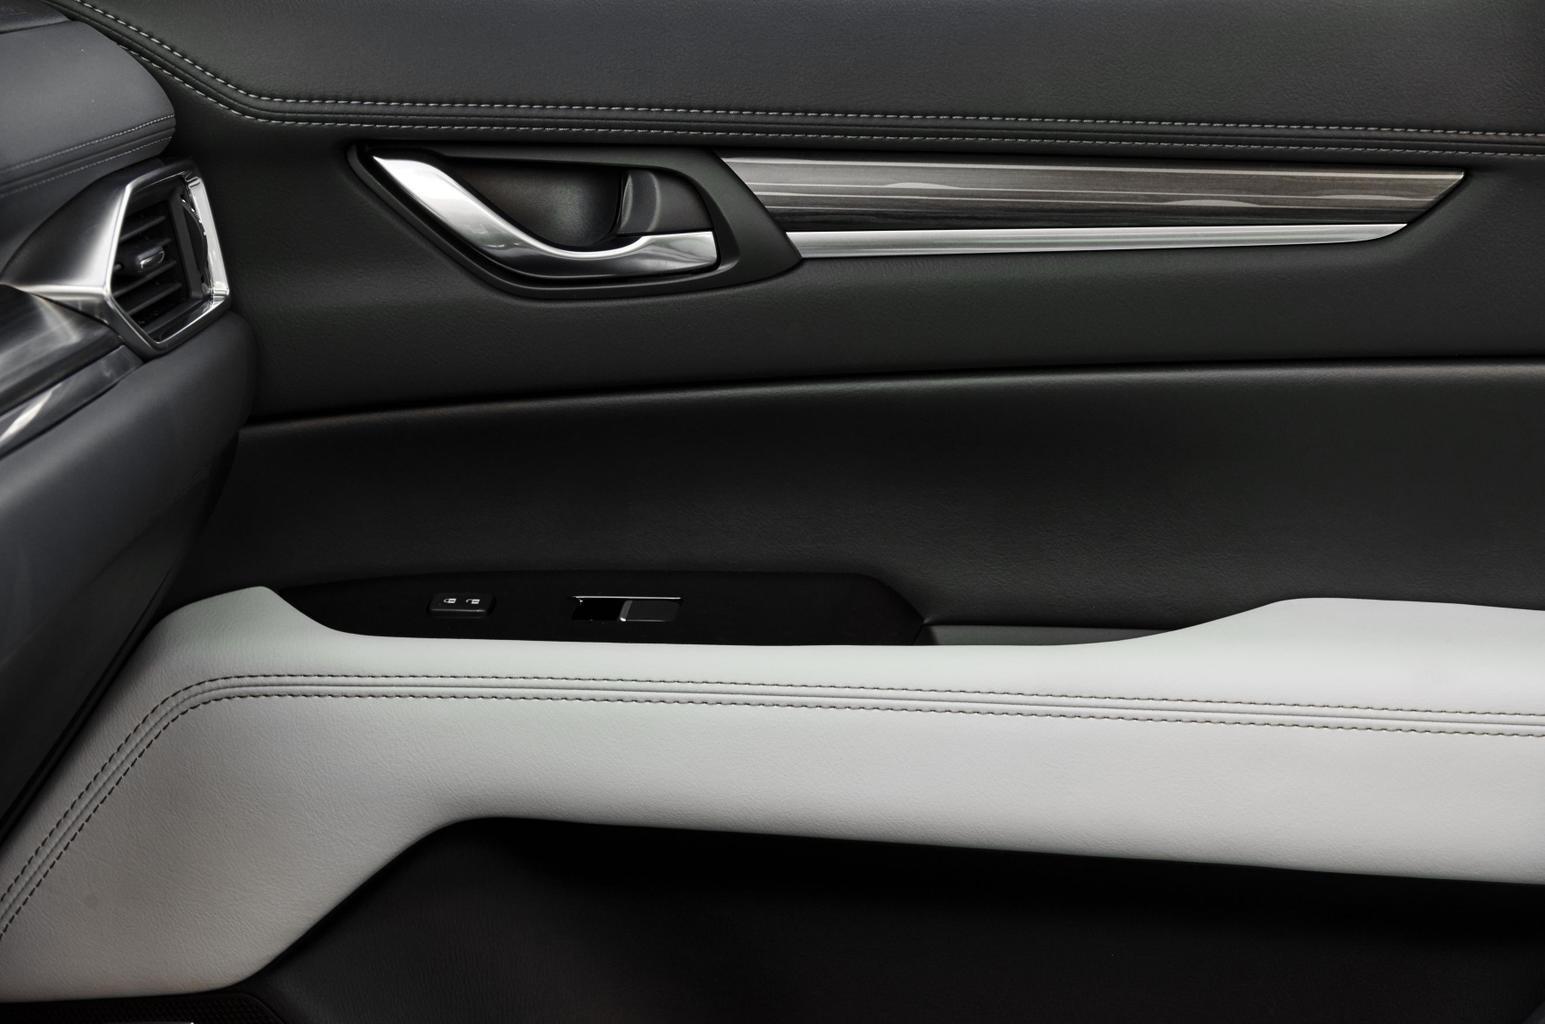 2017 Mazda CX-5 gallery